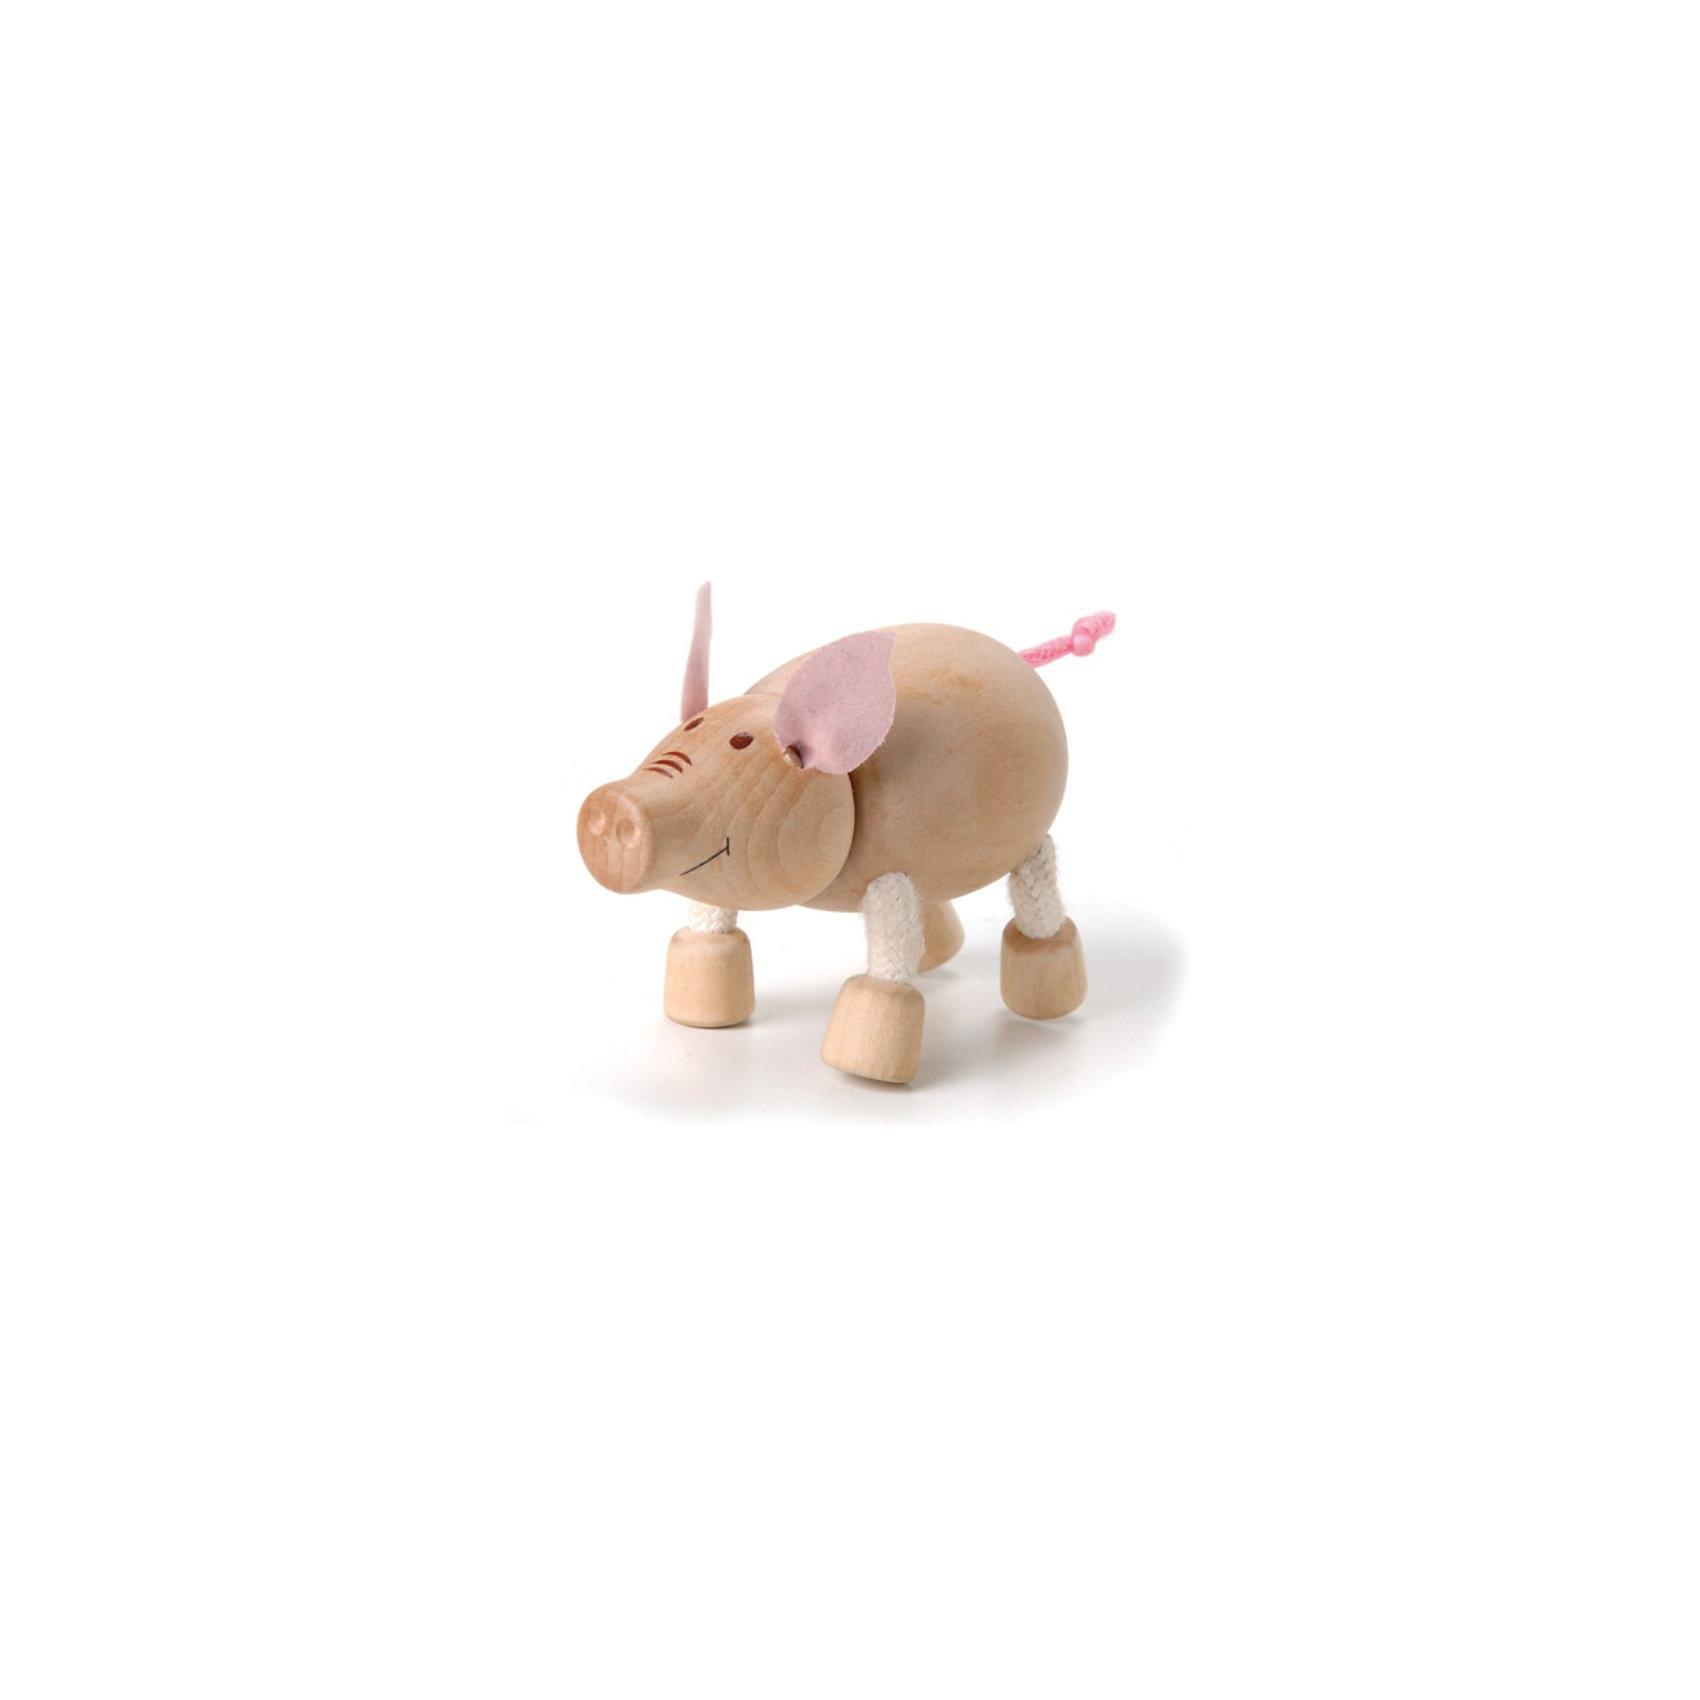 Хрюшка, AnaMalzМир животных<br>AnaMalz – самые милые деревянные игрушки на свете!<br><br>Придуманные австралийским дизайнером Луизой Косан-Скотт,<br>игрушки AnaMalz завоевали более 15 отраслевых наград, включая Австралийскую международную награду в области дизайна, присуждаемую организацией Standards Australia.<br>- Игрушки AnaMalz предназначены для детей от 3 лет<br><br>- AnaMalz изготовлены из дерева, называемого schima superba или «игольчатое дерево» (быстрорастущее дерево, выращиваемое на лесных плантациях)<br><br>- Рога изготовлены из термопластичной резины (TPR) – материала, одобренного Управлением по контролю качества пищевых продуктов и медикаментов (FDA). Смесь TPR с древесной мукой является экологичной альтернативой пластмассе<br><br>- Все игрушки AnaMalz раскрашиваются вручную с использованием безопасной для детей краски и клея без содержания формальдегида<br><br>- Древесные отходы от производства AnaMalz используются на ферме для выращивания грибов<br><br>AnaMalz завоевали популярность во всем мире. Они стали участниками телевизионных шоу TODAY, шоу Марты Стюарт, Daily Candy Kids и USA Today Weekend. <br><br>Наши маленькие деревянные друзья покорили сердца самых строгих критиков отрасли – и получили множество «игрушечных» наград!<br><br>Ширина мм: 80<br>Глубина мм: 40<br>Высота мм: 60<br>Вес г: 46<br>Возраст от месяцев: 36<br>Возраст до месяцев: 168<br>Пол: Унисекс<br>Возраст: Детский<br>SKU: 3807619